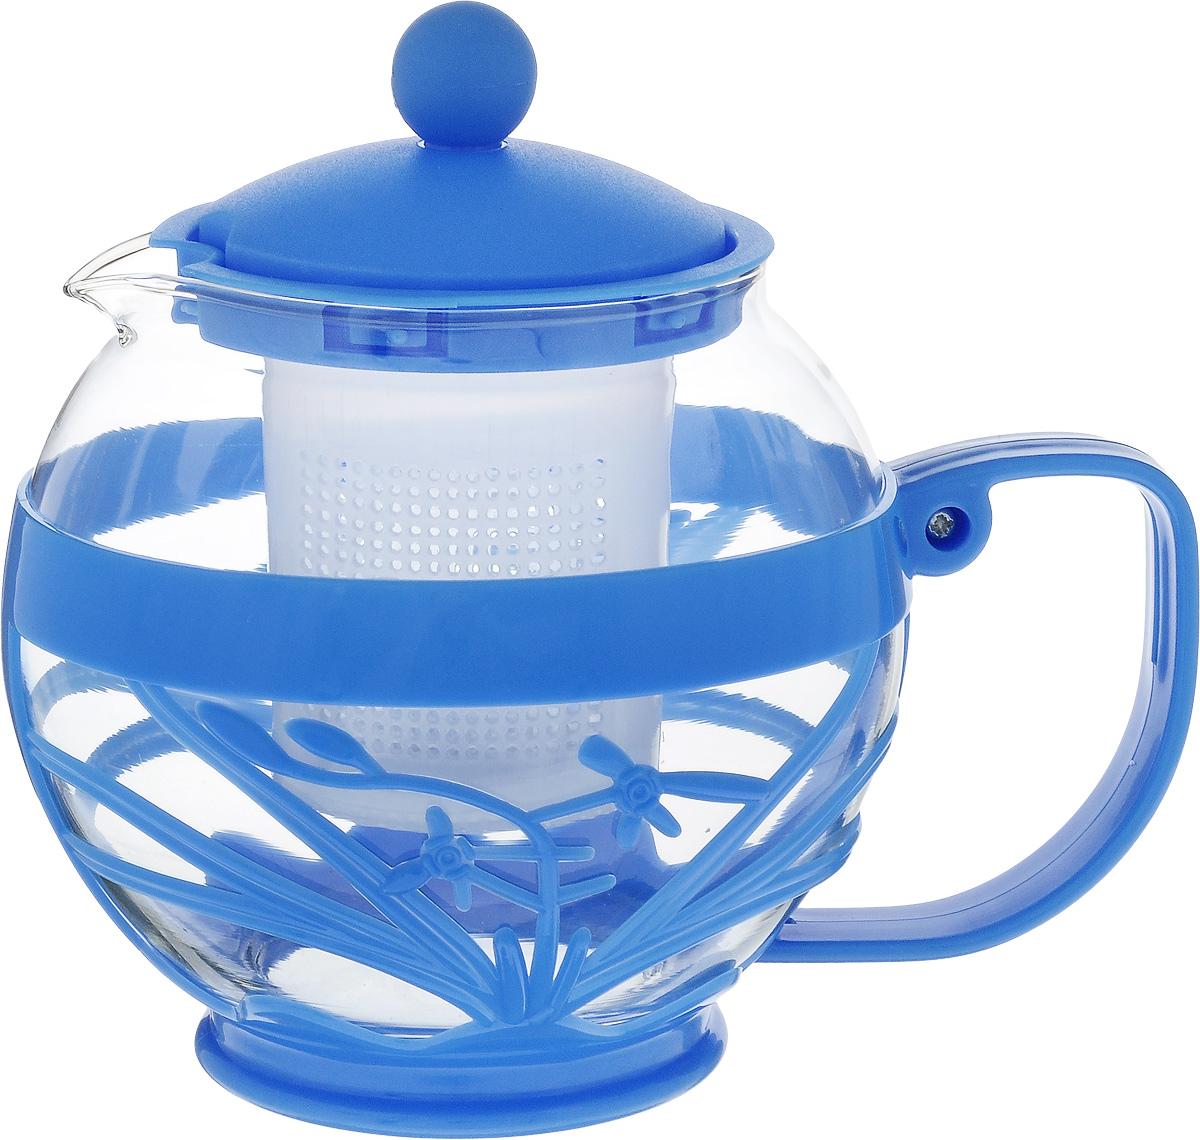 Чайник заварочный Wellberg Aqual, с фильтром, цвет: прозрачный, синий, 800 мл361 WBЗаварочный чайник Wellberg Aqual изготовлен из высококачественного пластика и жаропрочного стекла. Чайник имеет пластиковый фильтр и оснащен удобной ручкой. Он прекрасно подойдет для заваривания чая и травяных напитков. Такой заварочный чайник займет достойное место на вашей кухне. Высота чайника (без учета крышки): 11,5 см. Высота чайника (с учетом крышки): 14 см. Диаметр (по верхнему краю) 7 см.